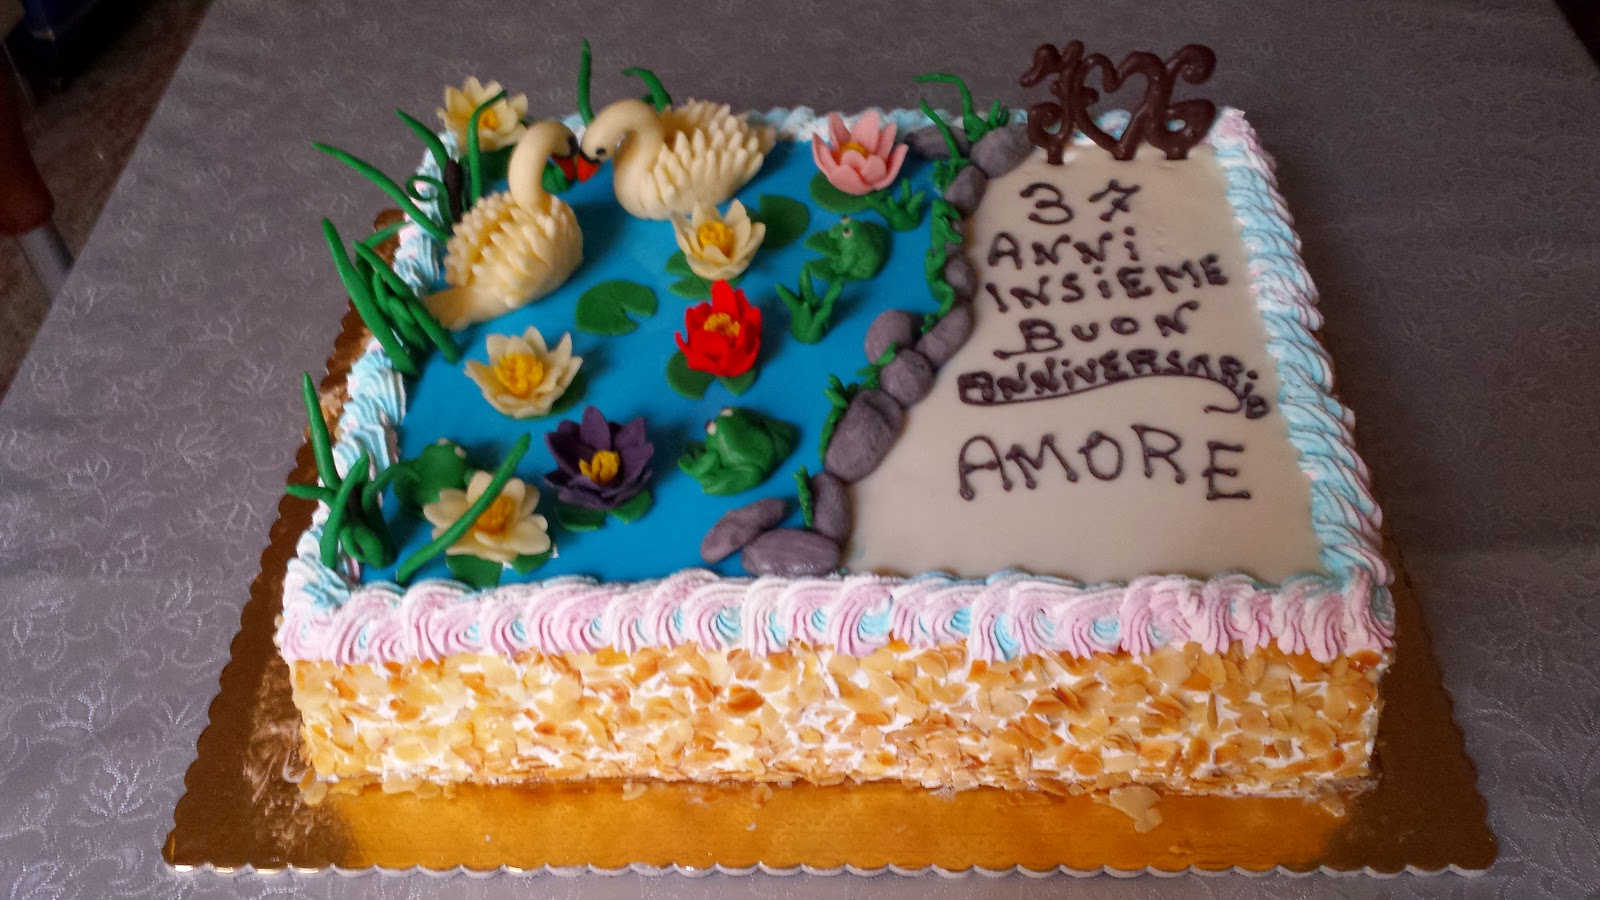 Popolare passione torte: torta gelato per anniversario di matrimonio PQ83